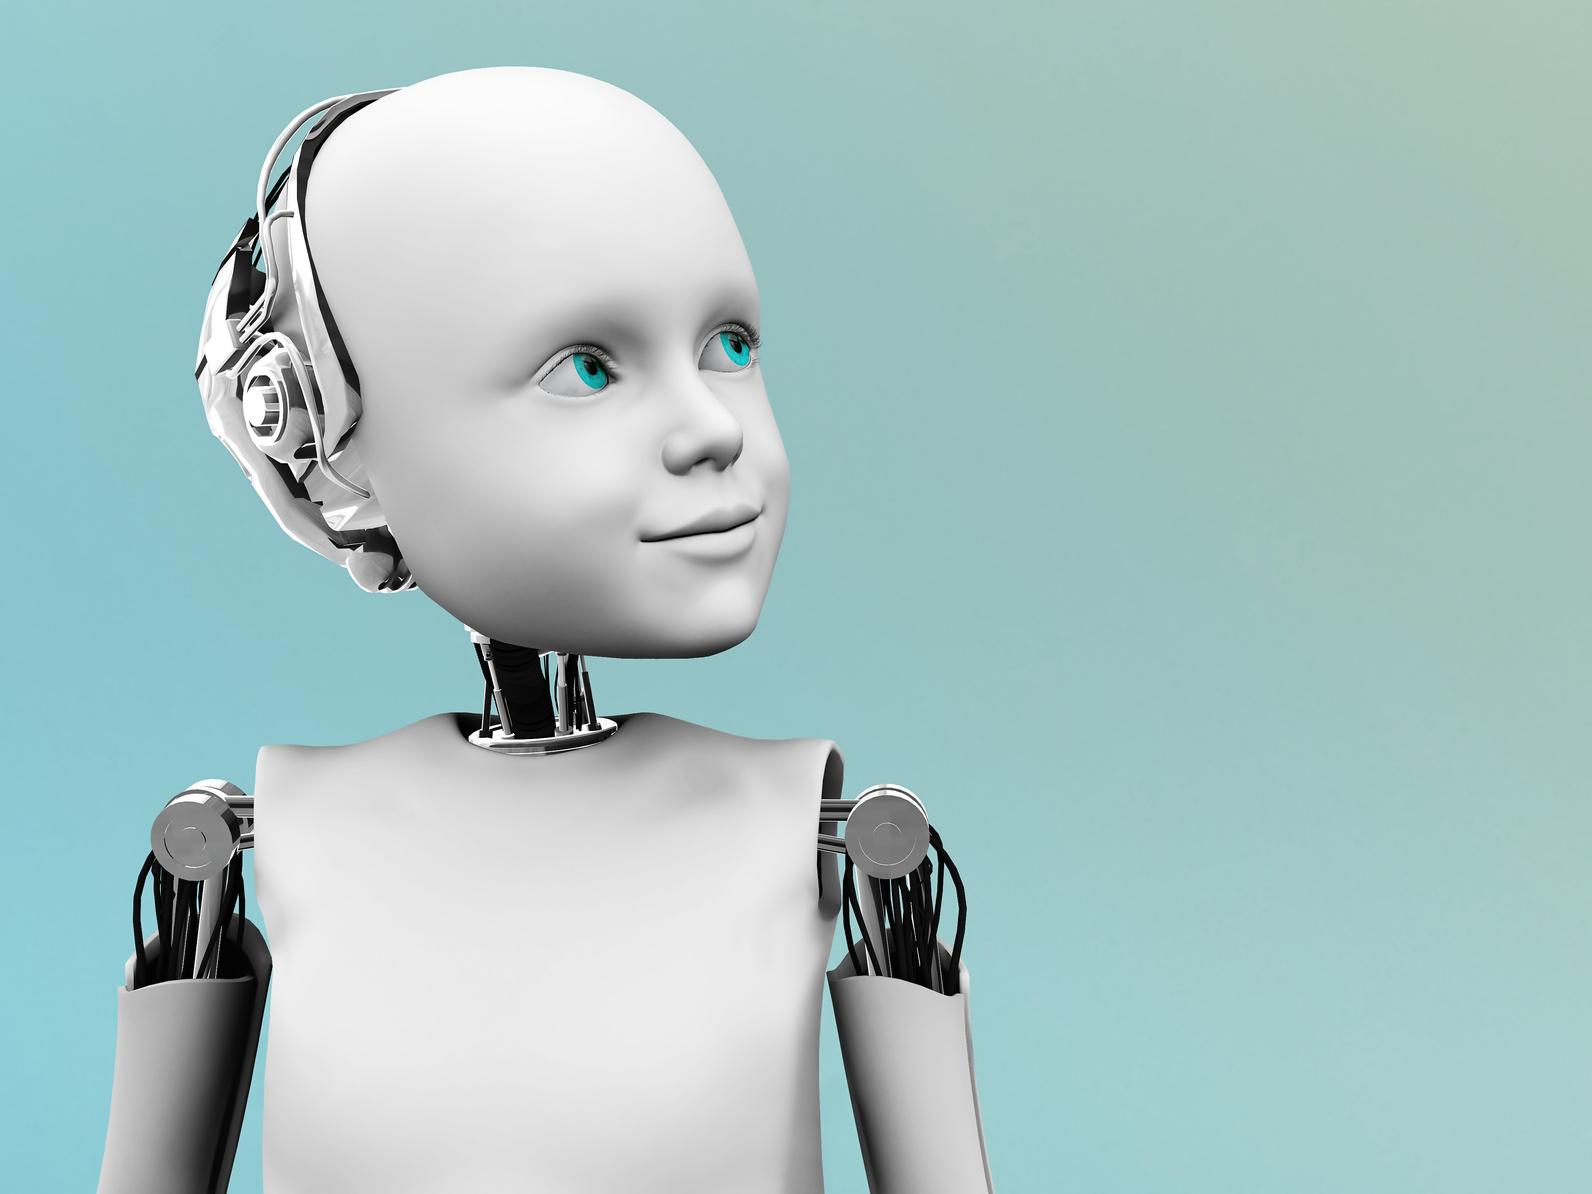 گوگل با بزرگان تکنولوژی در مورد مسایل اخلاقی هوش مصنوعی وارد بحث می شود